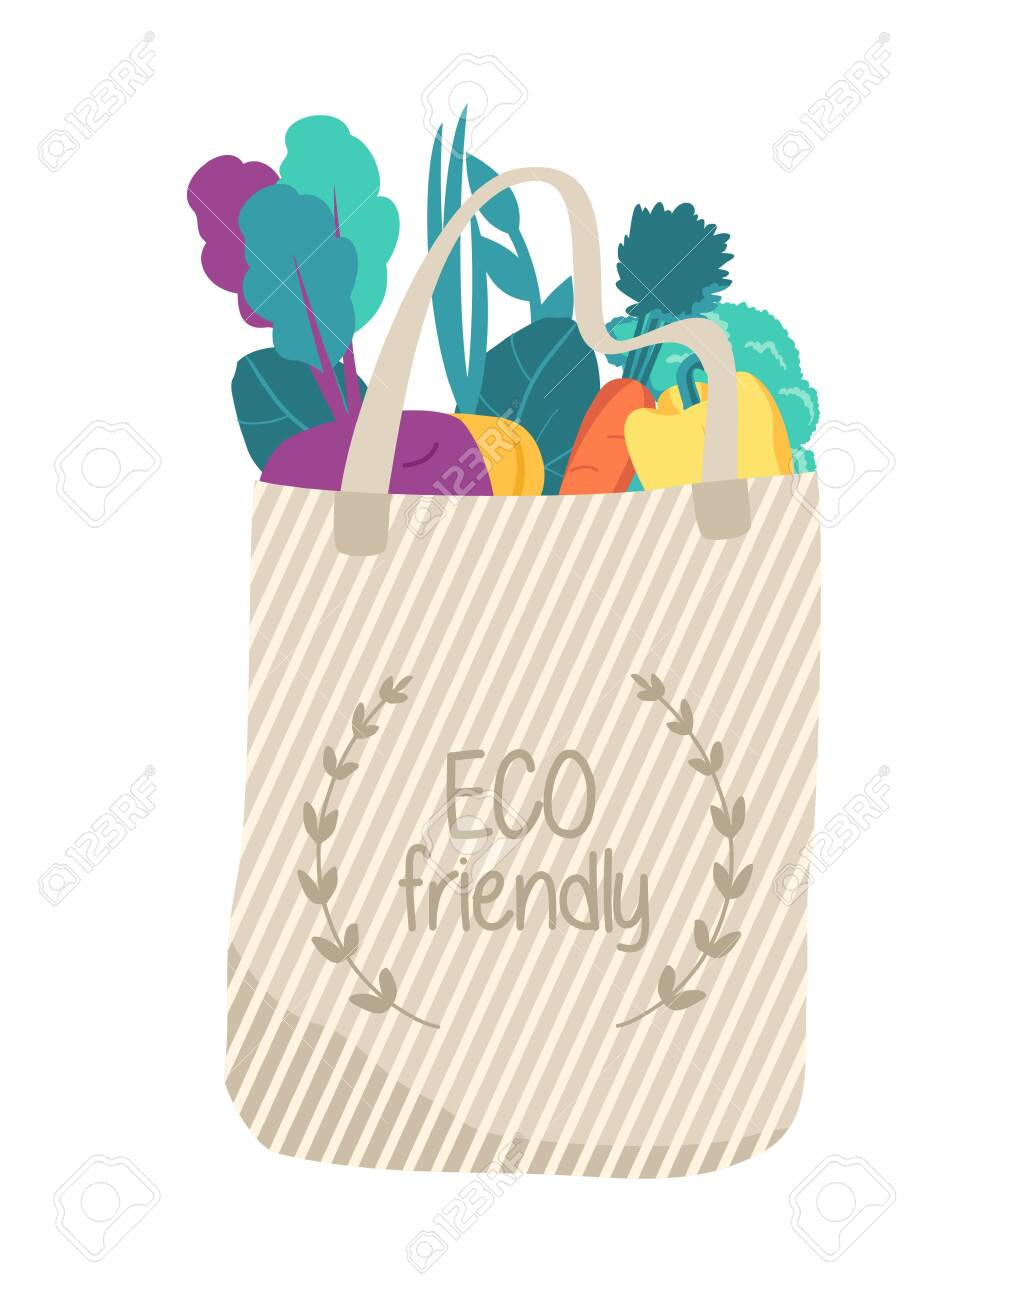 Biege eco bag with organic food. Reusable. - 140409798